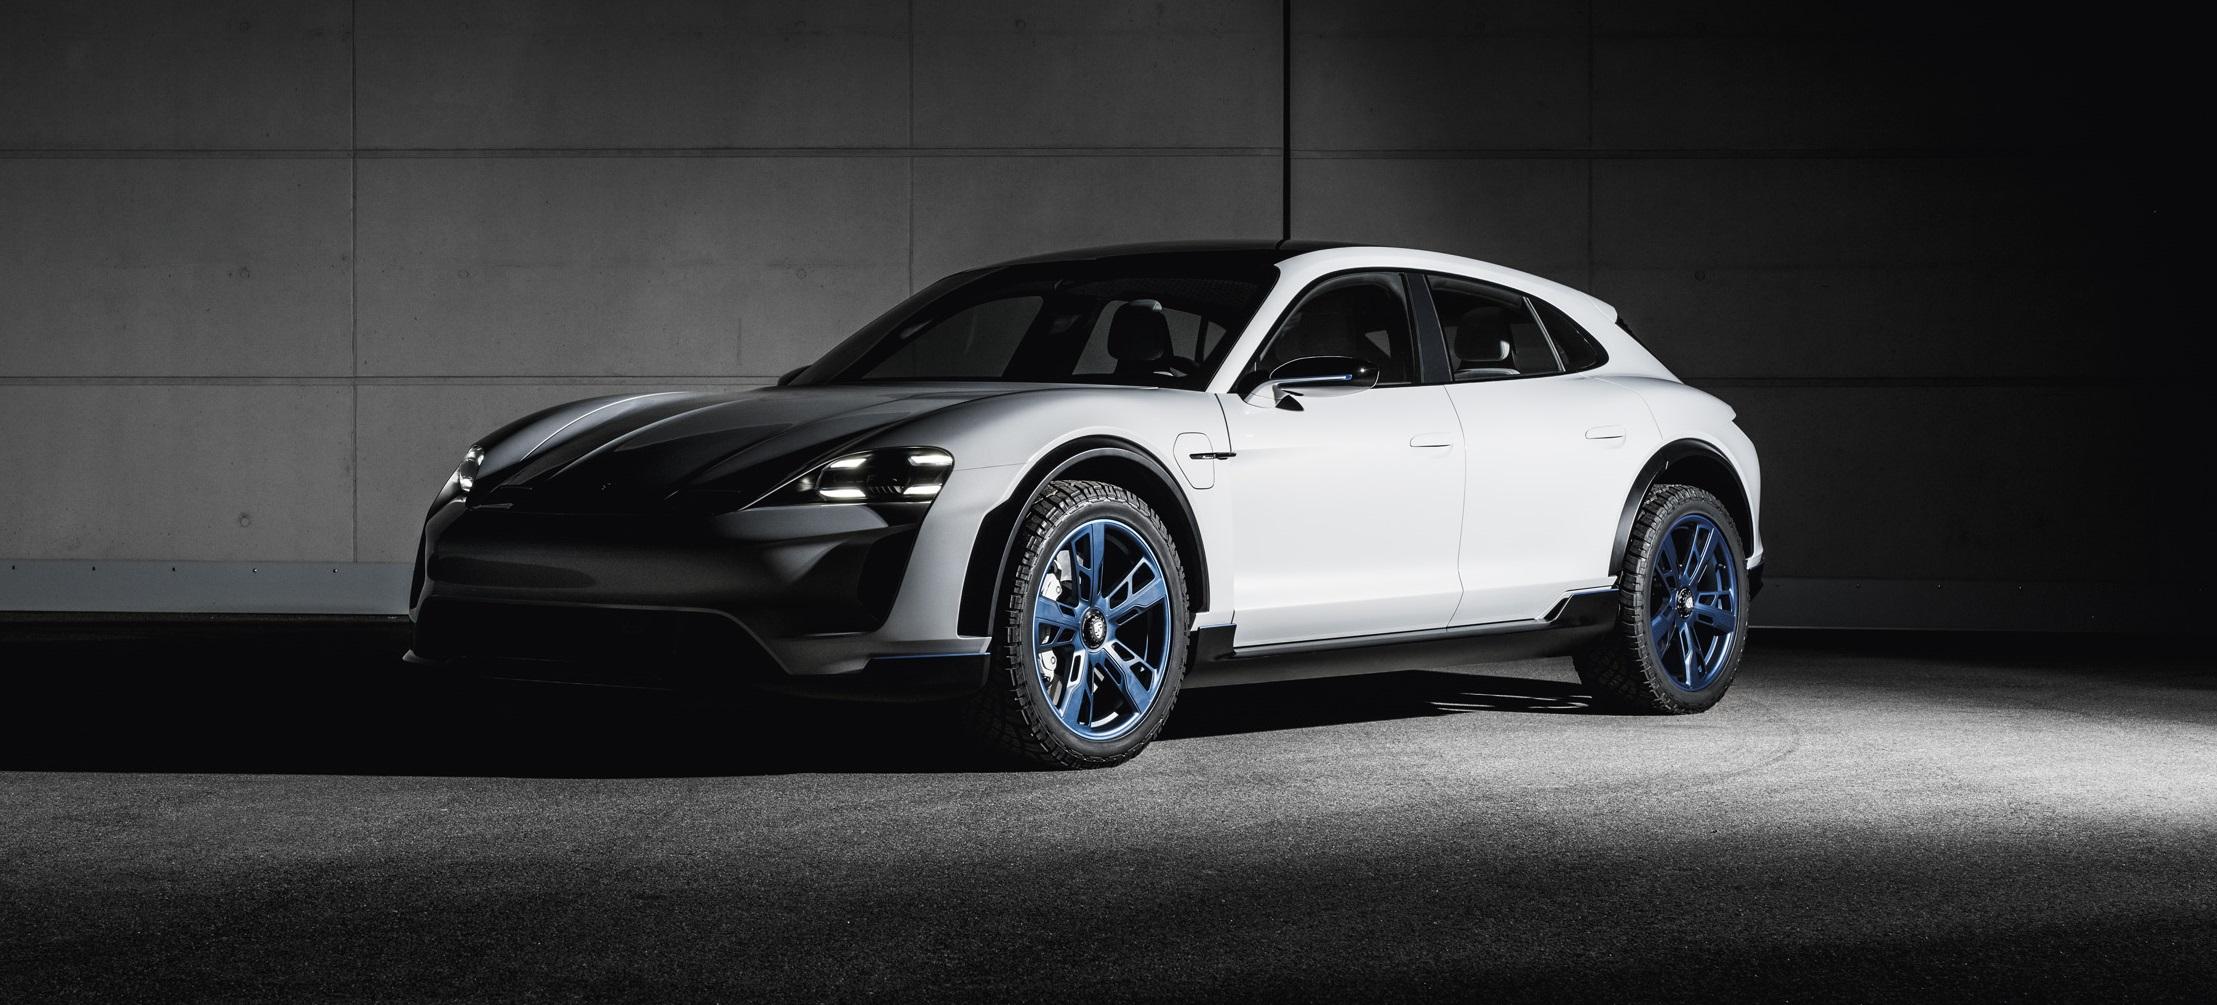 Reveja o Mission E Cross Turismo, candidato a segundo modelo 100% elétrico da Porsche